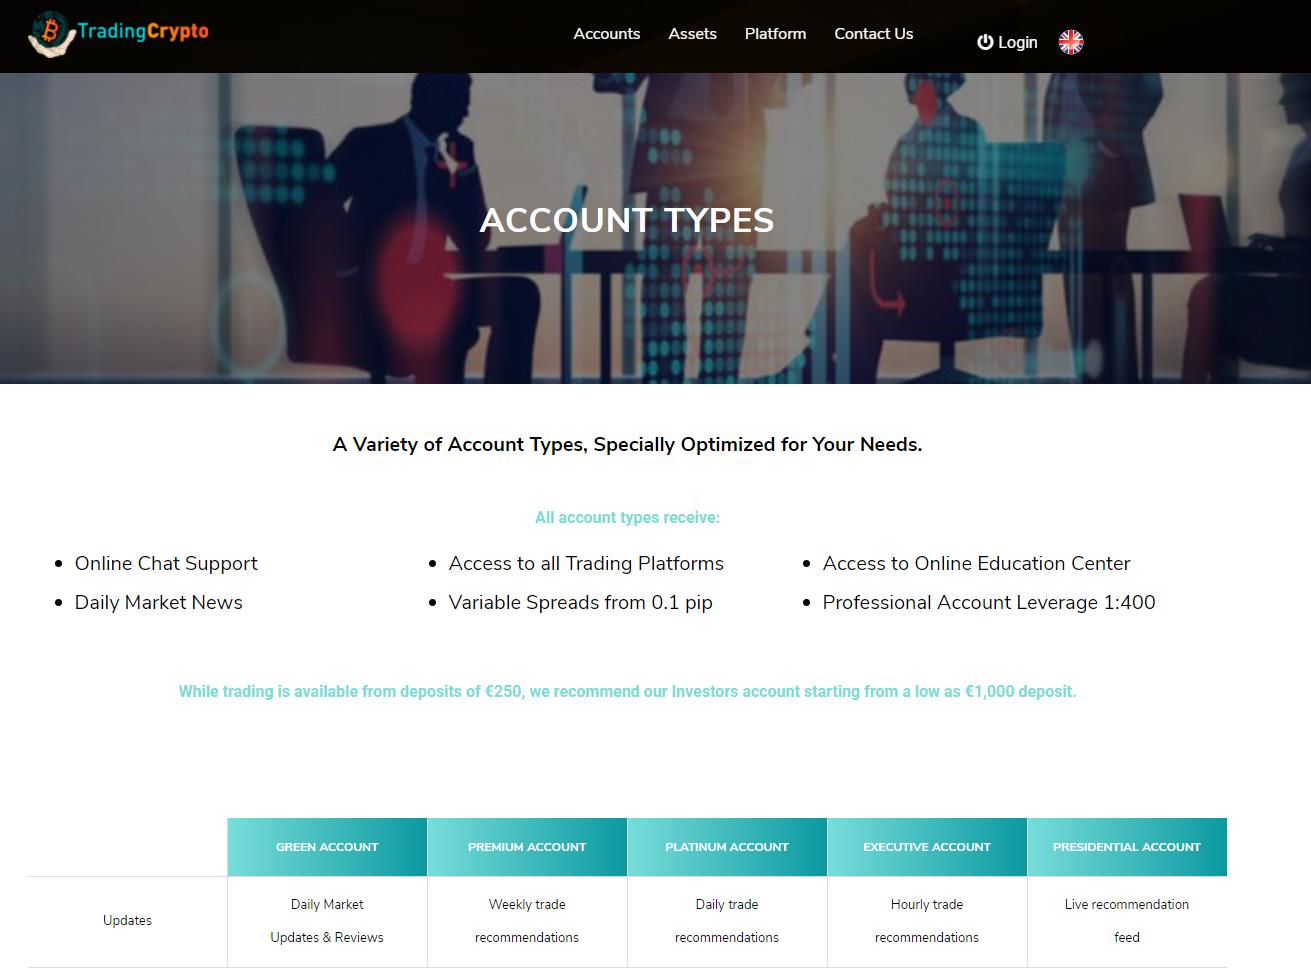 Tradingcrypto account types